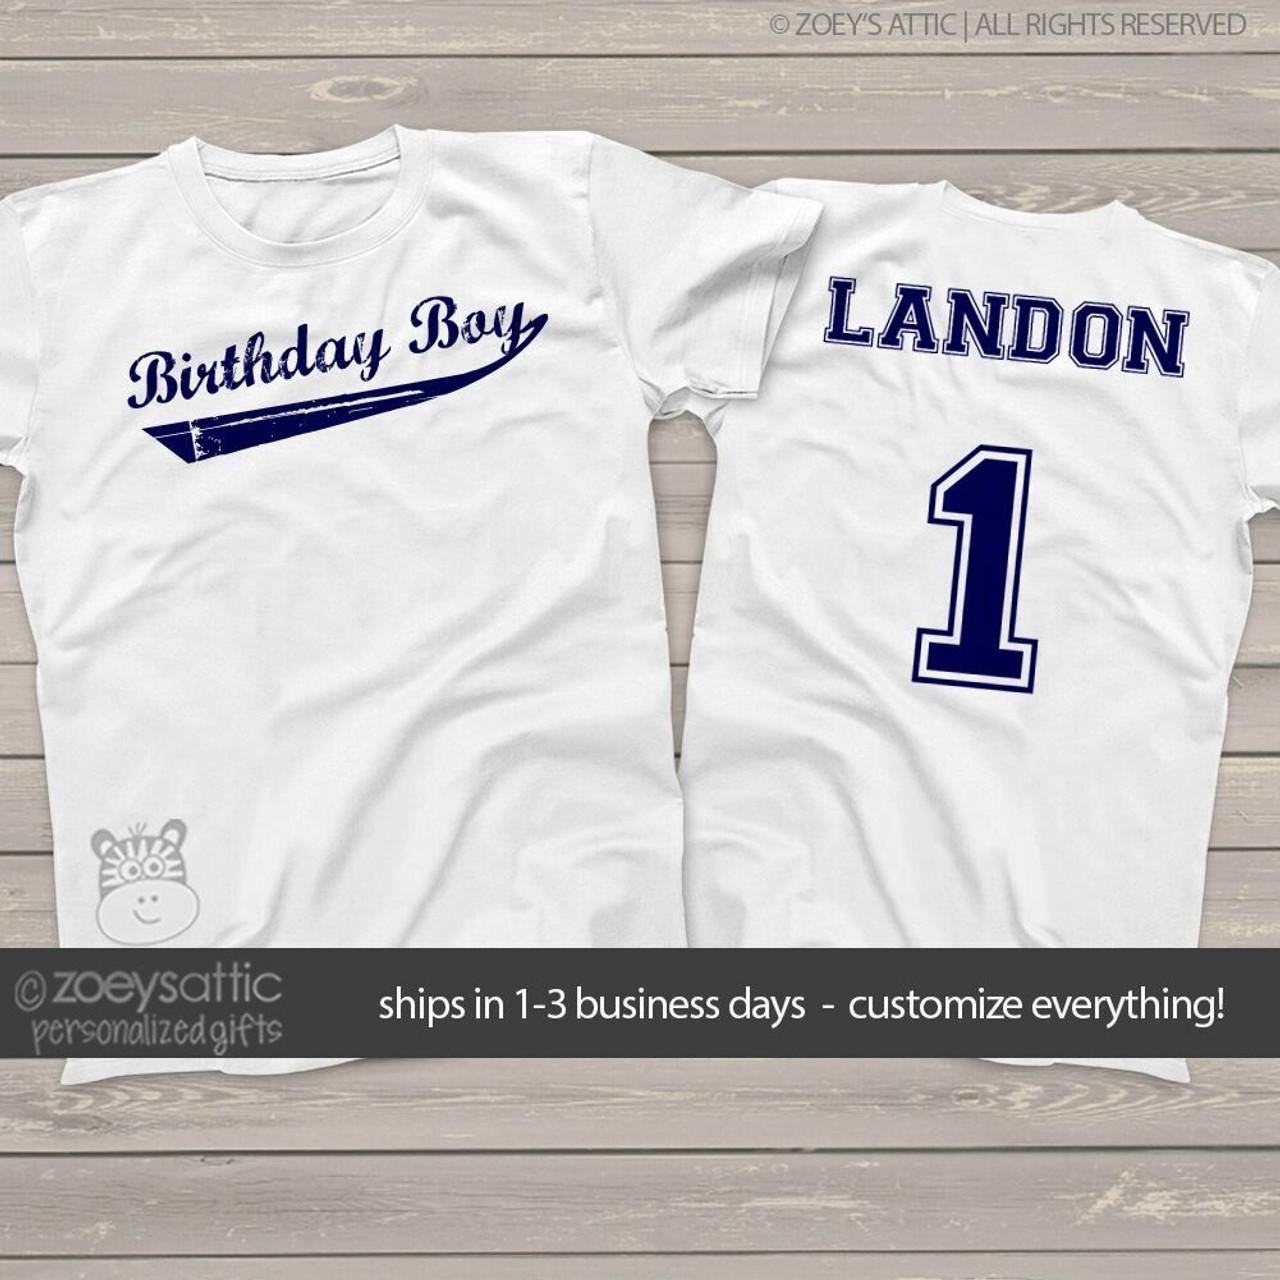 Birthday Shirt Boy Swoosh Team Personalized Tshirt